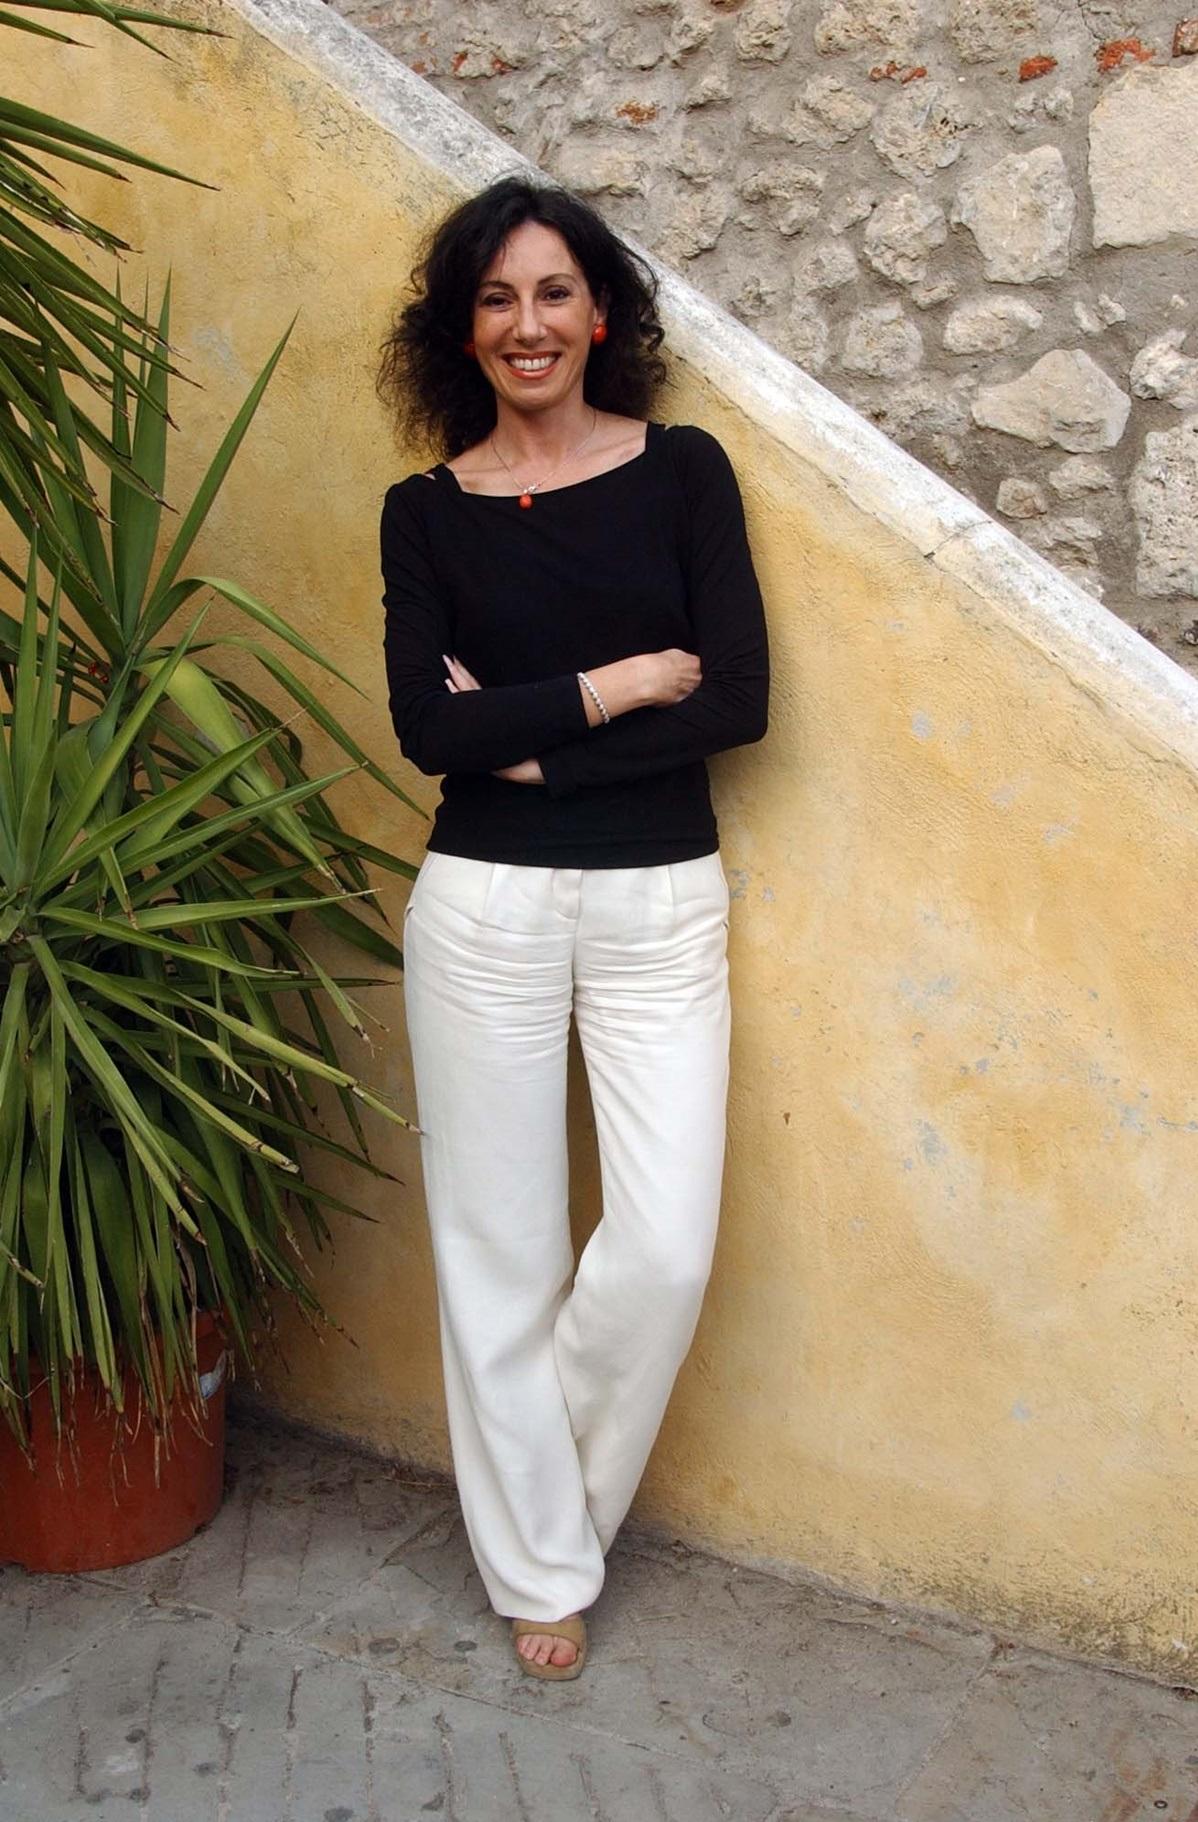 Nicoletta Picchio